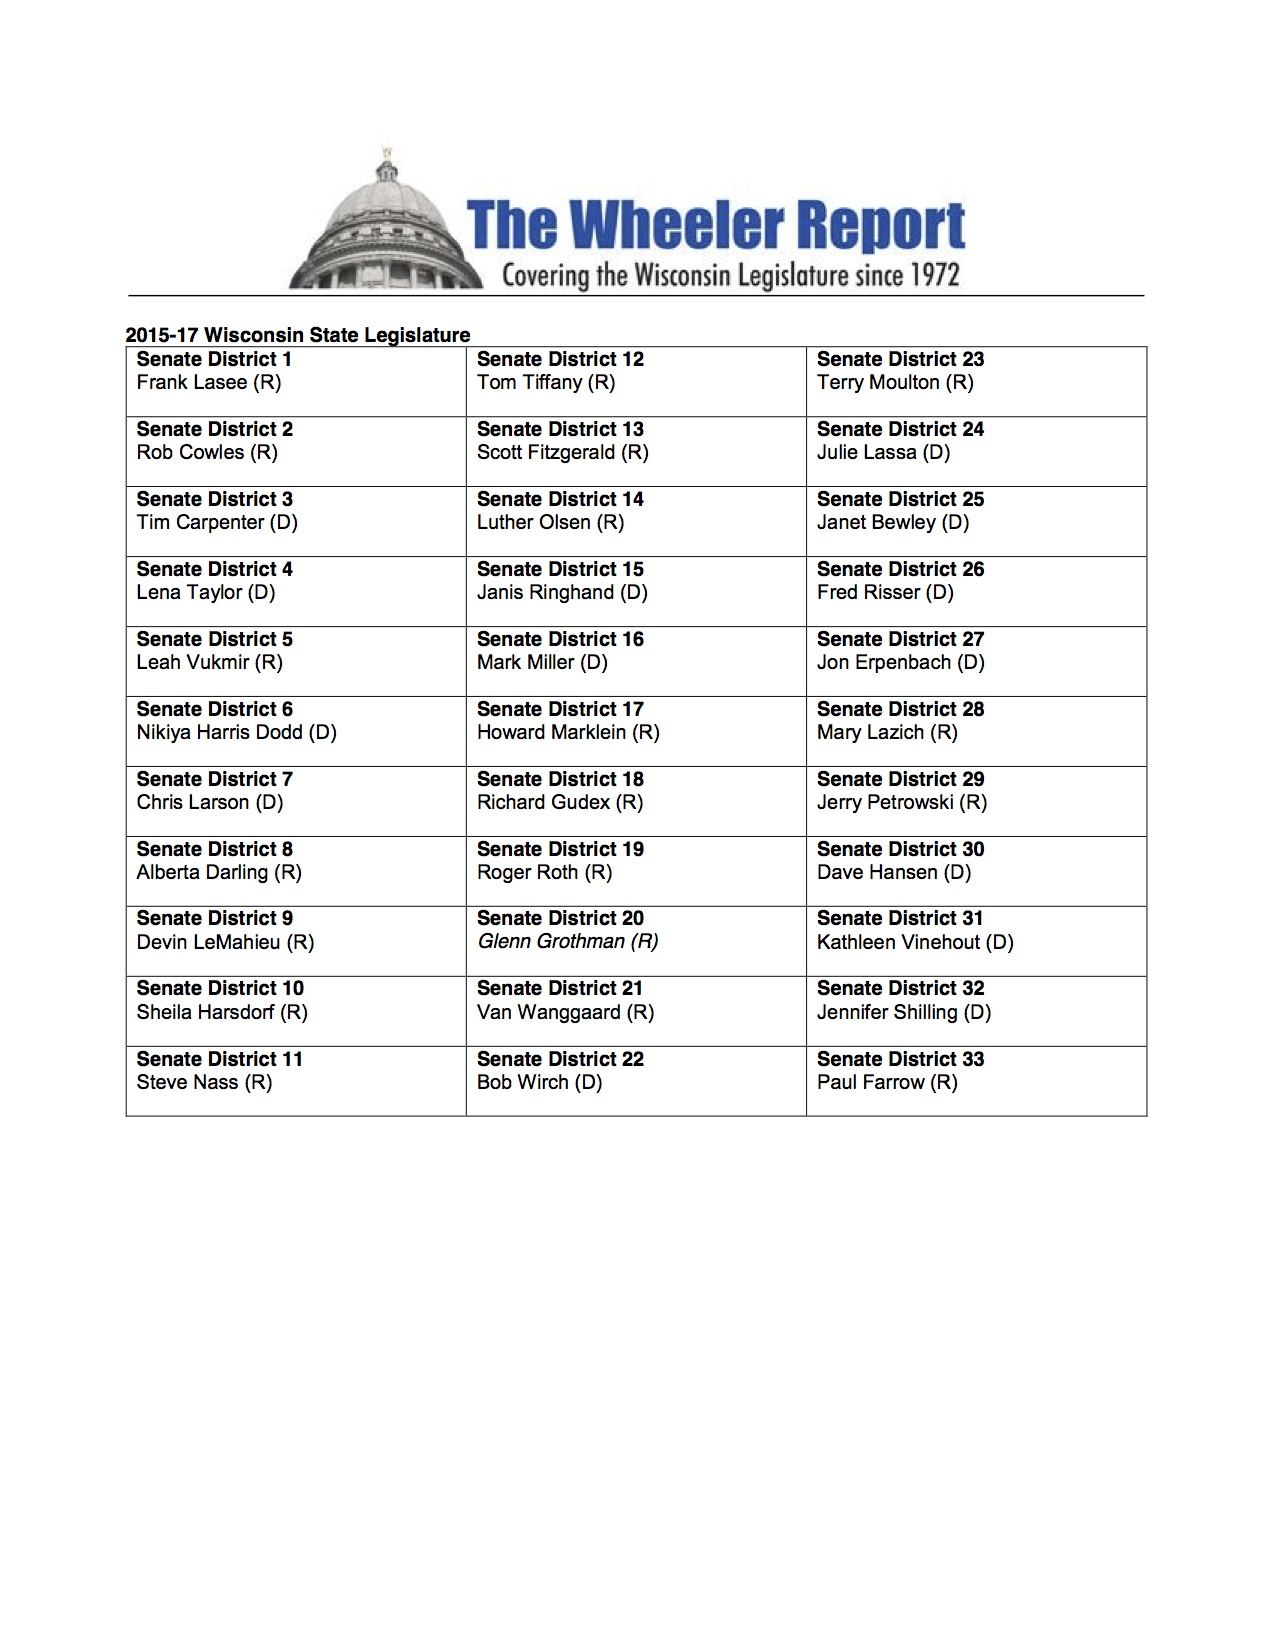 Senate results 2014